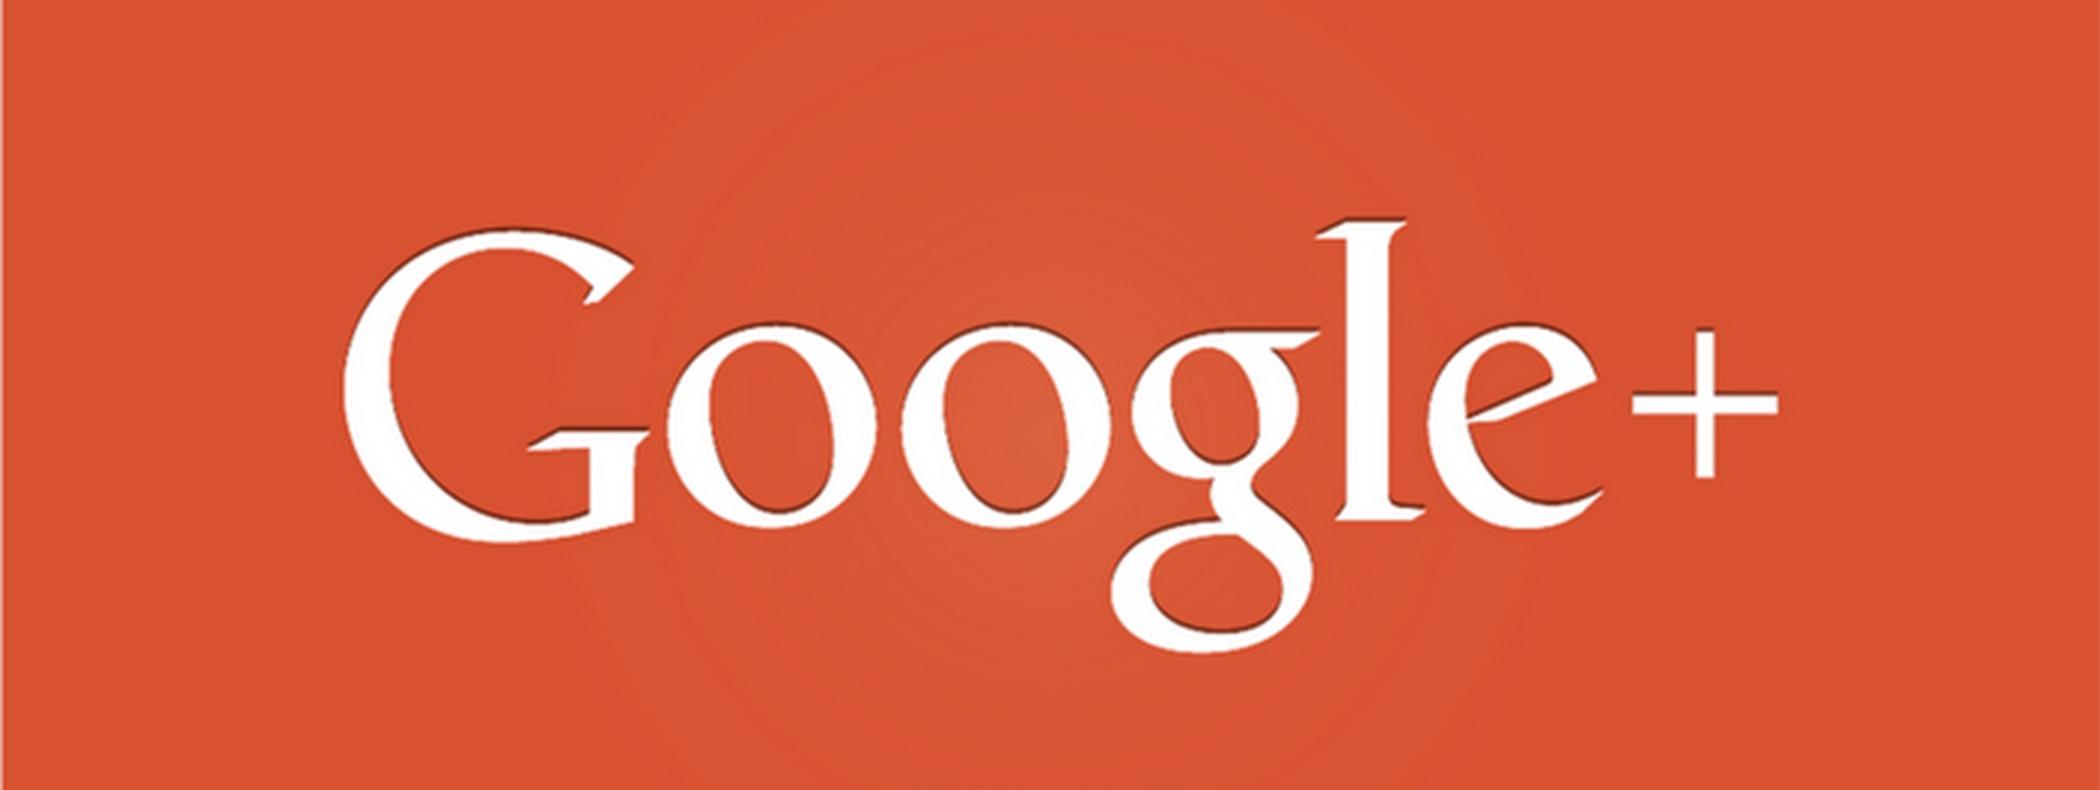 GooglePlus_logo.jpg